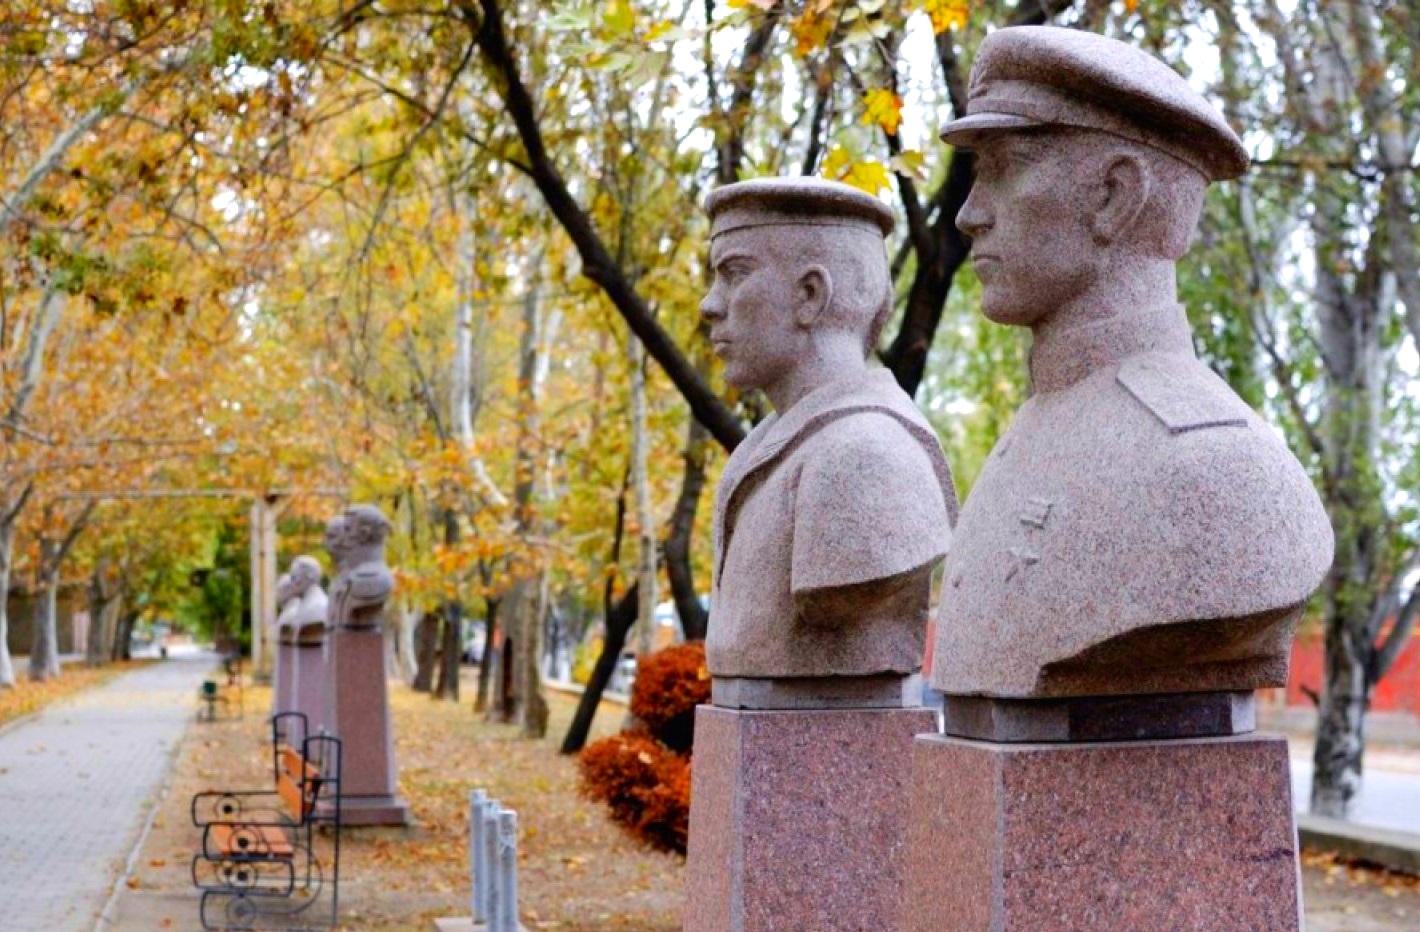 alleya-geroev